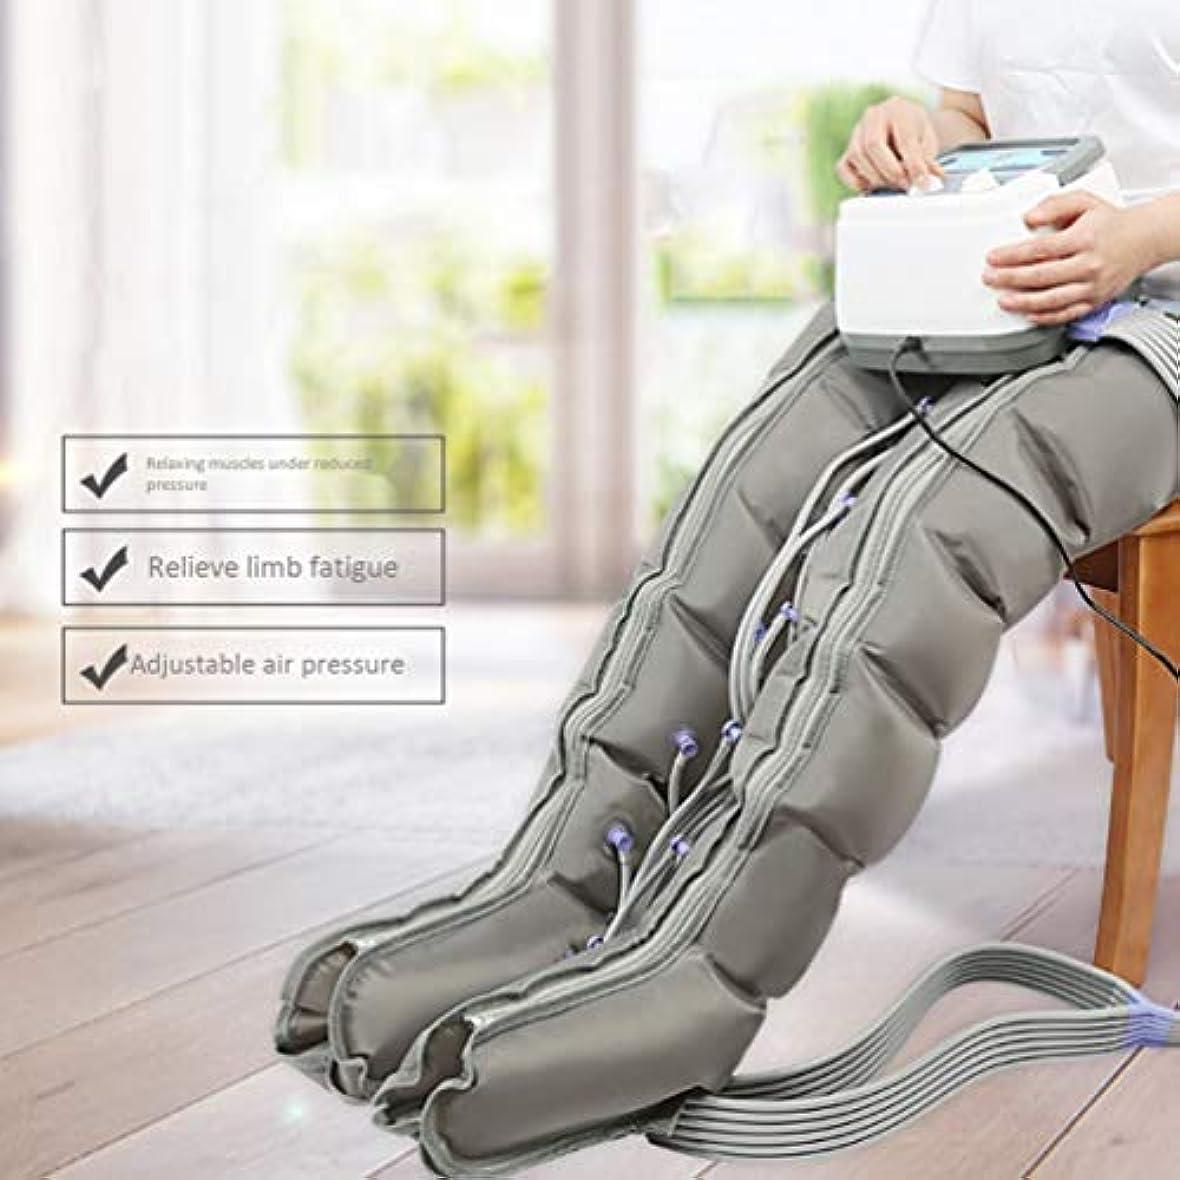 キロメートルカイウスフィッティング空気圧縮脚マッサージ機足とふくらはぎの足の太もものマッサージでふくらはぎの循環ブースターは腫れや浮腫の痛みを助ける(6つのキャビティ)